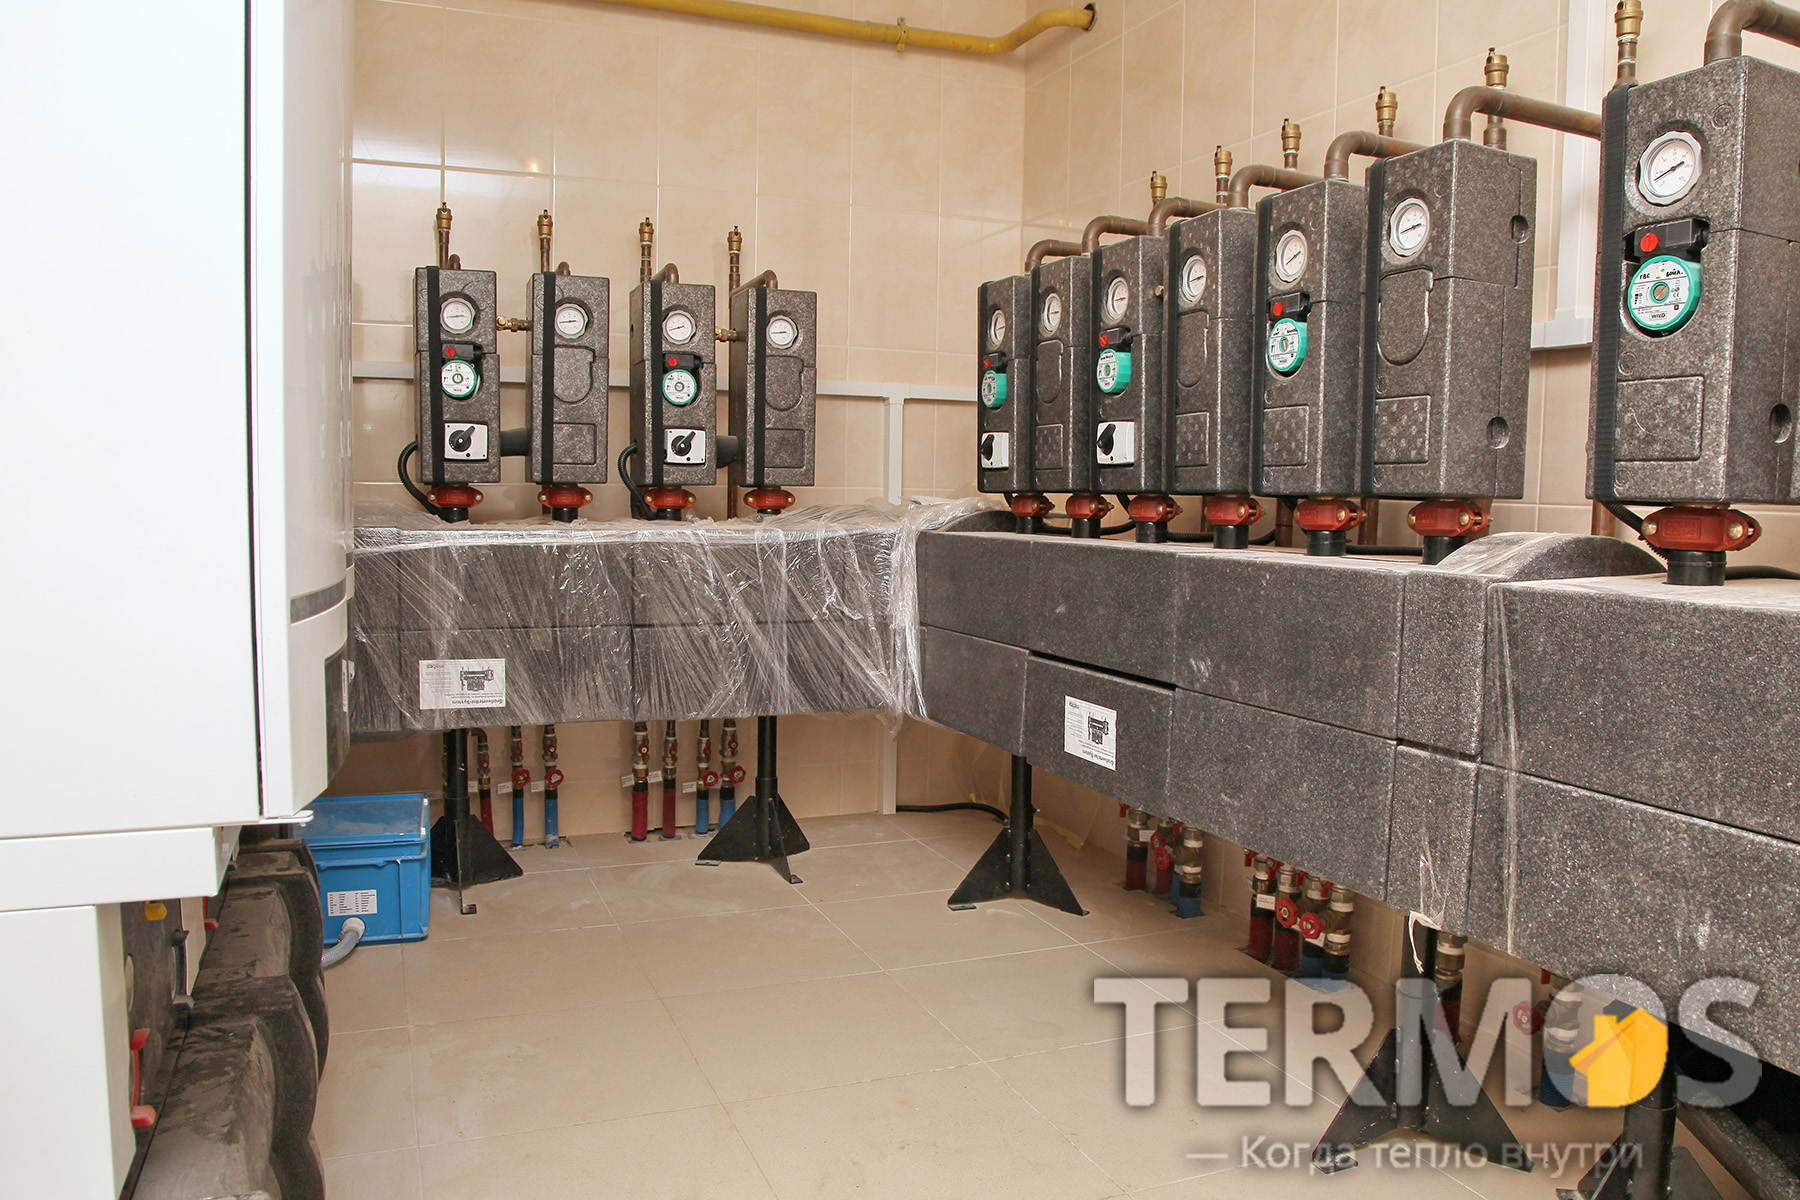 Функции системы отопления - погодозависимое управление контурами радиаторов, теплого пола, контуром нагрева бассейна, вентиляции, горячего водоснабжения, циркуляции ГВС